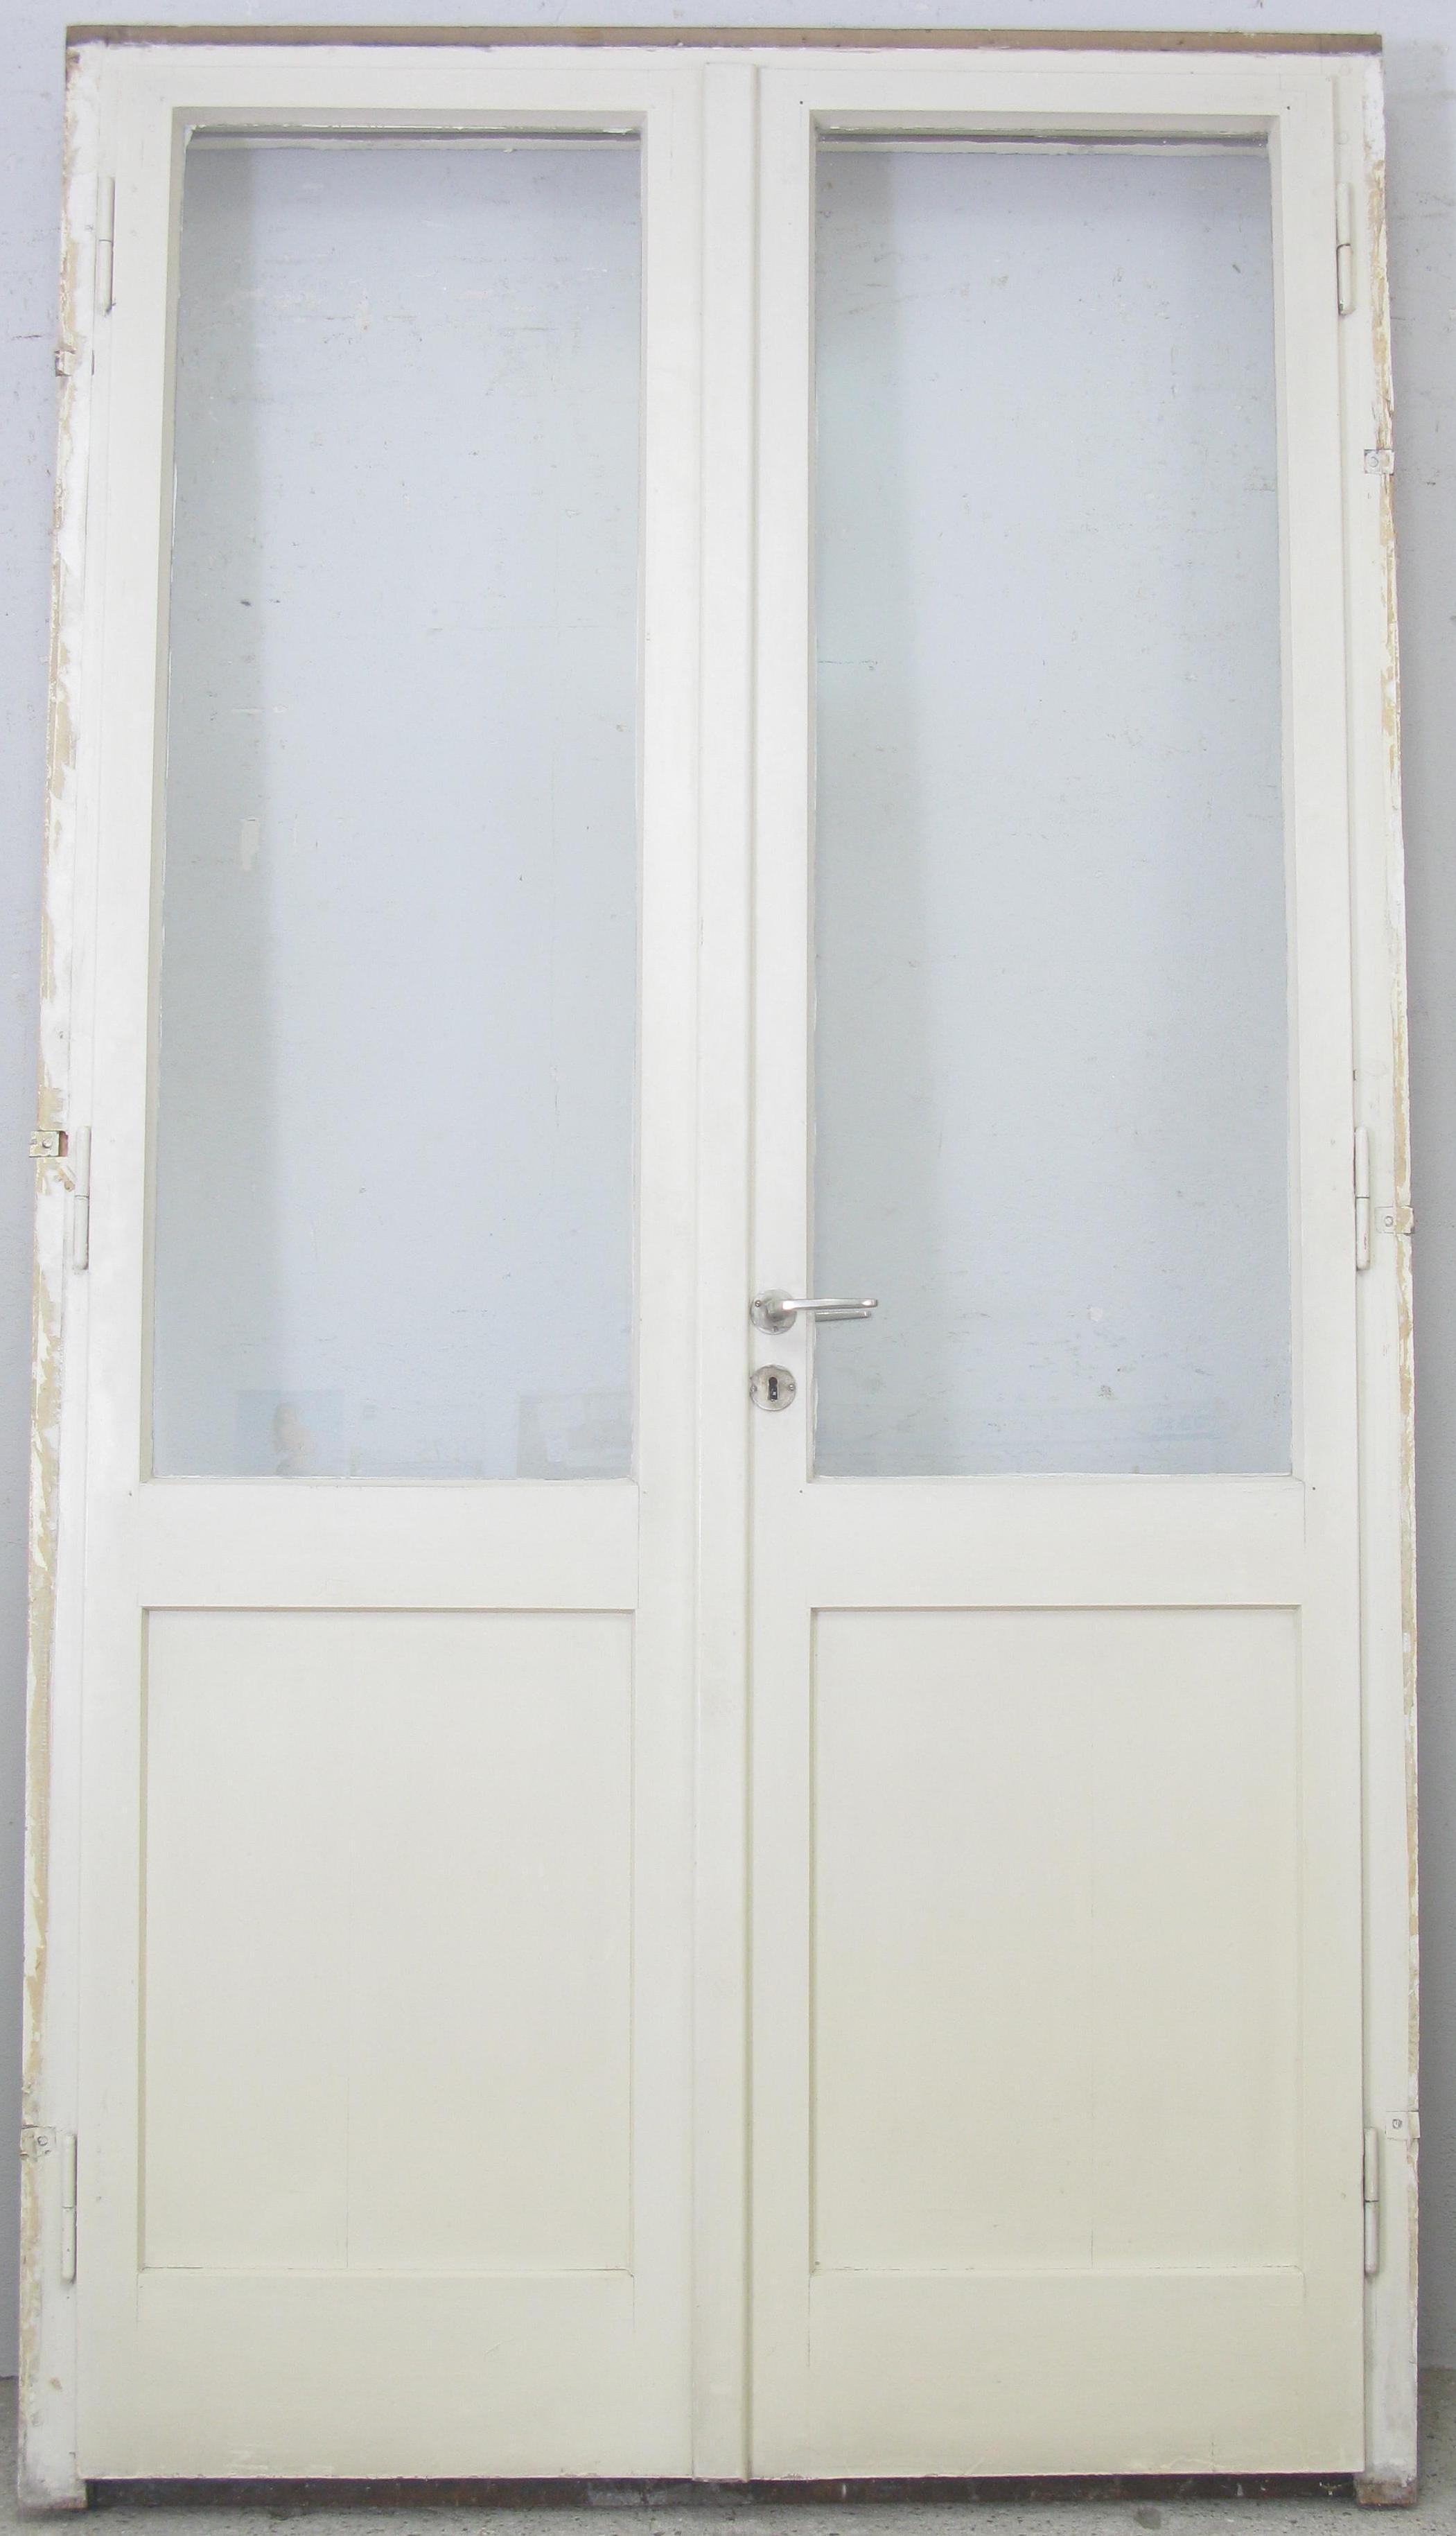 Terassent r balkont r doppelfl gel 20er 30er jahre for Fenster 30er jahre